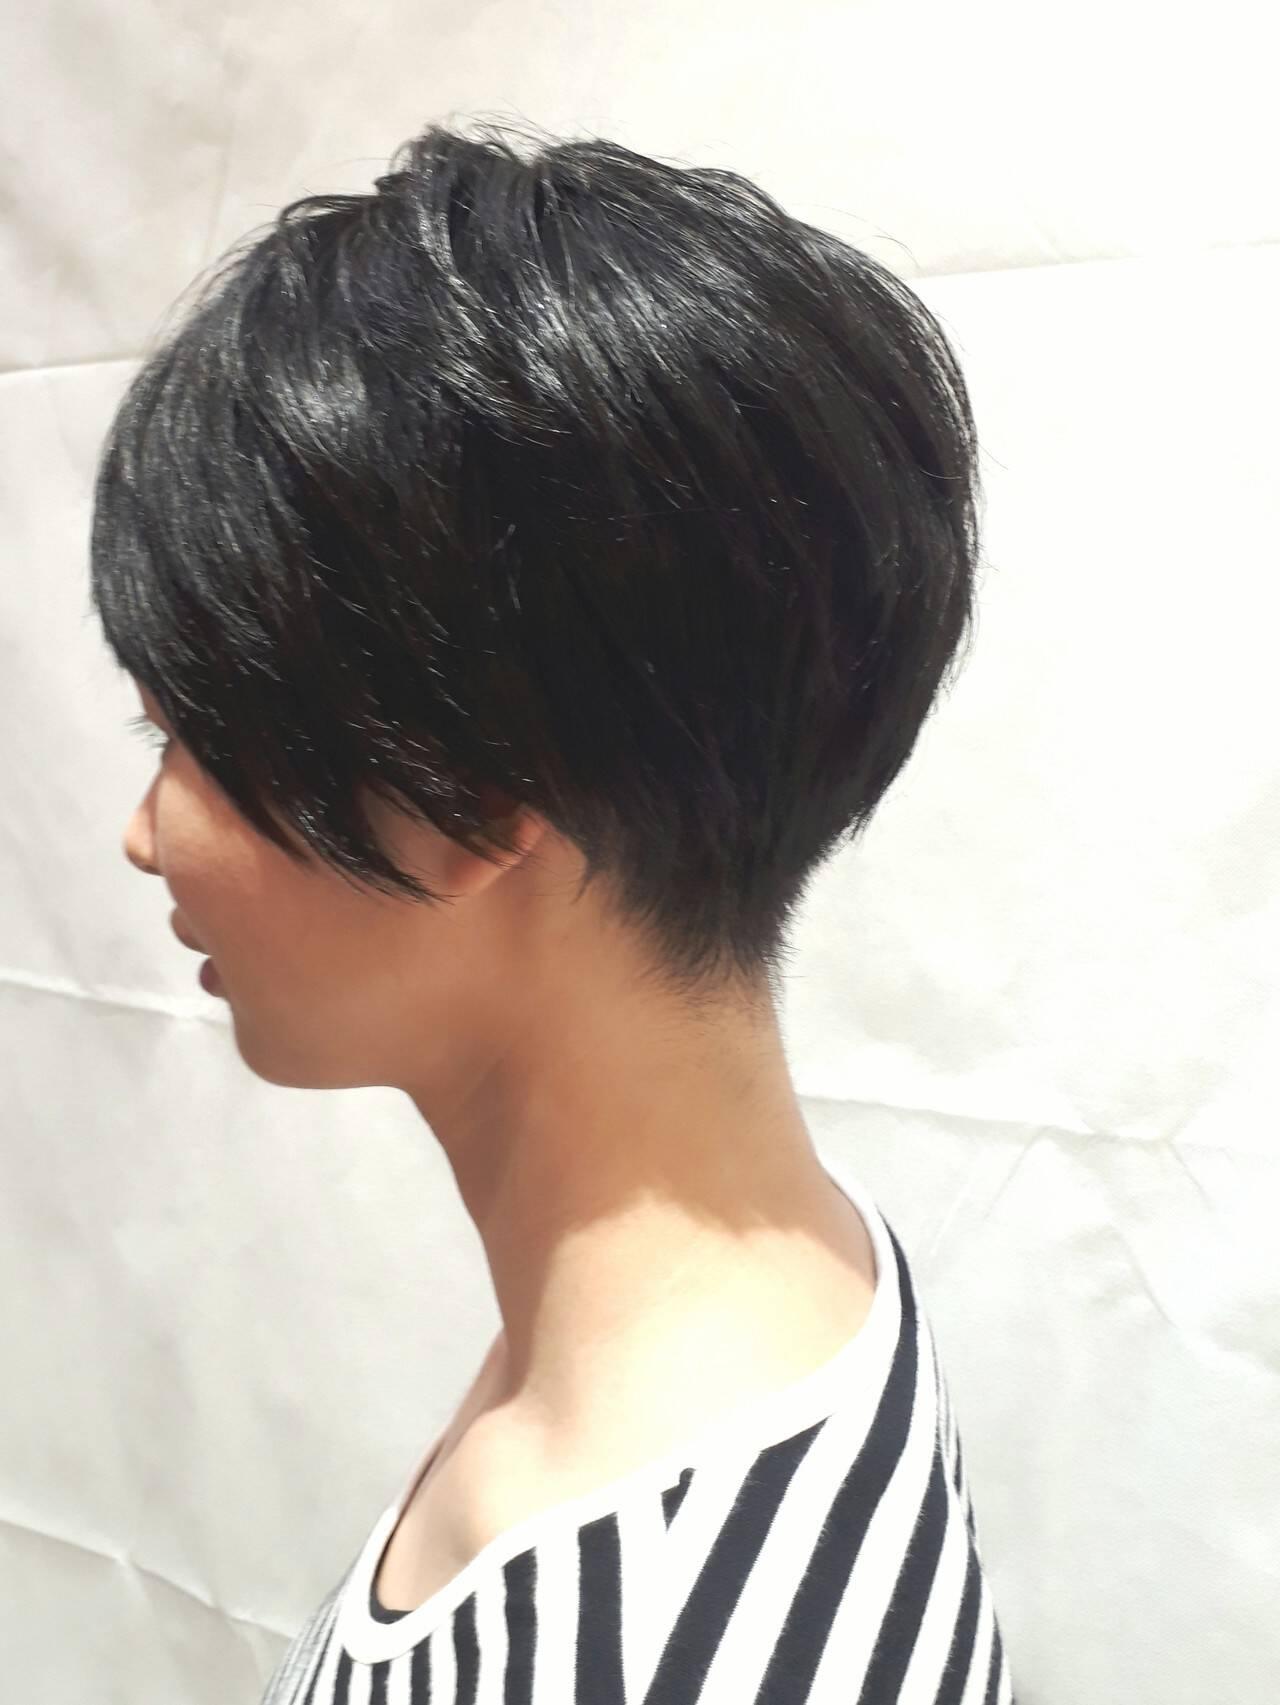 簡単 耳かけ ナチュラル 黒髪ヘアスタイルや髪型の写真・画像